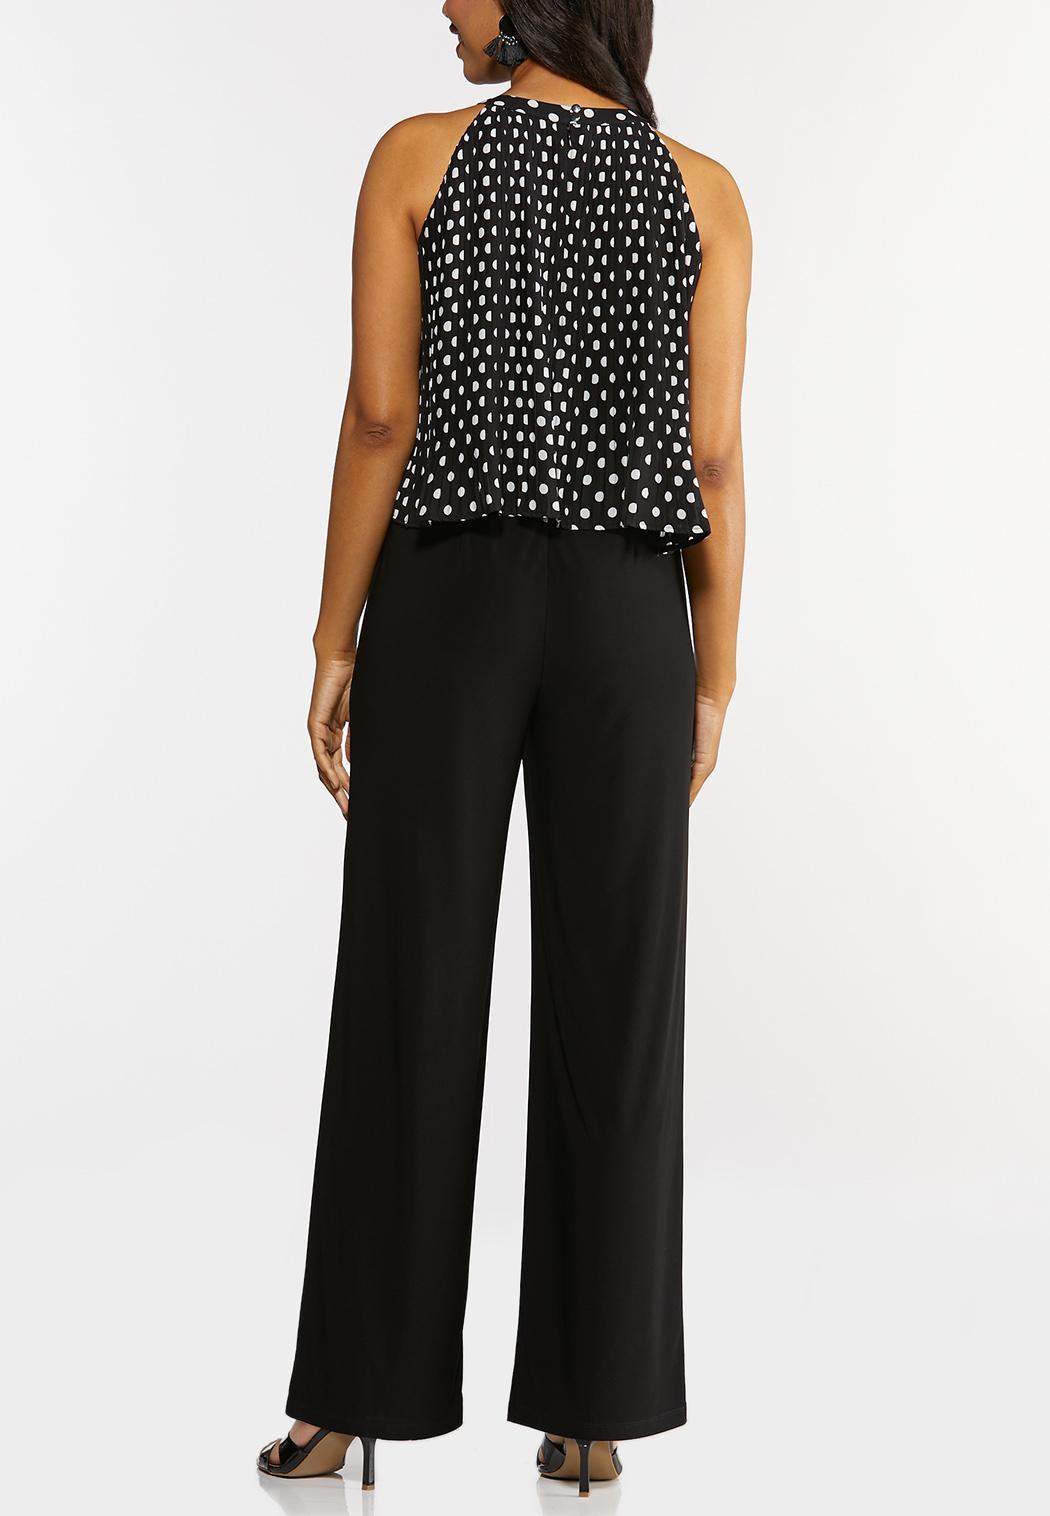 Petite Pleated Polka Dotted Jumpsuit (Item #44269320)